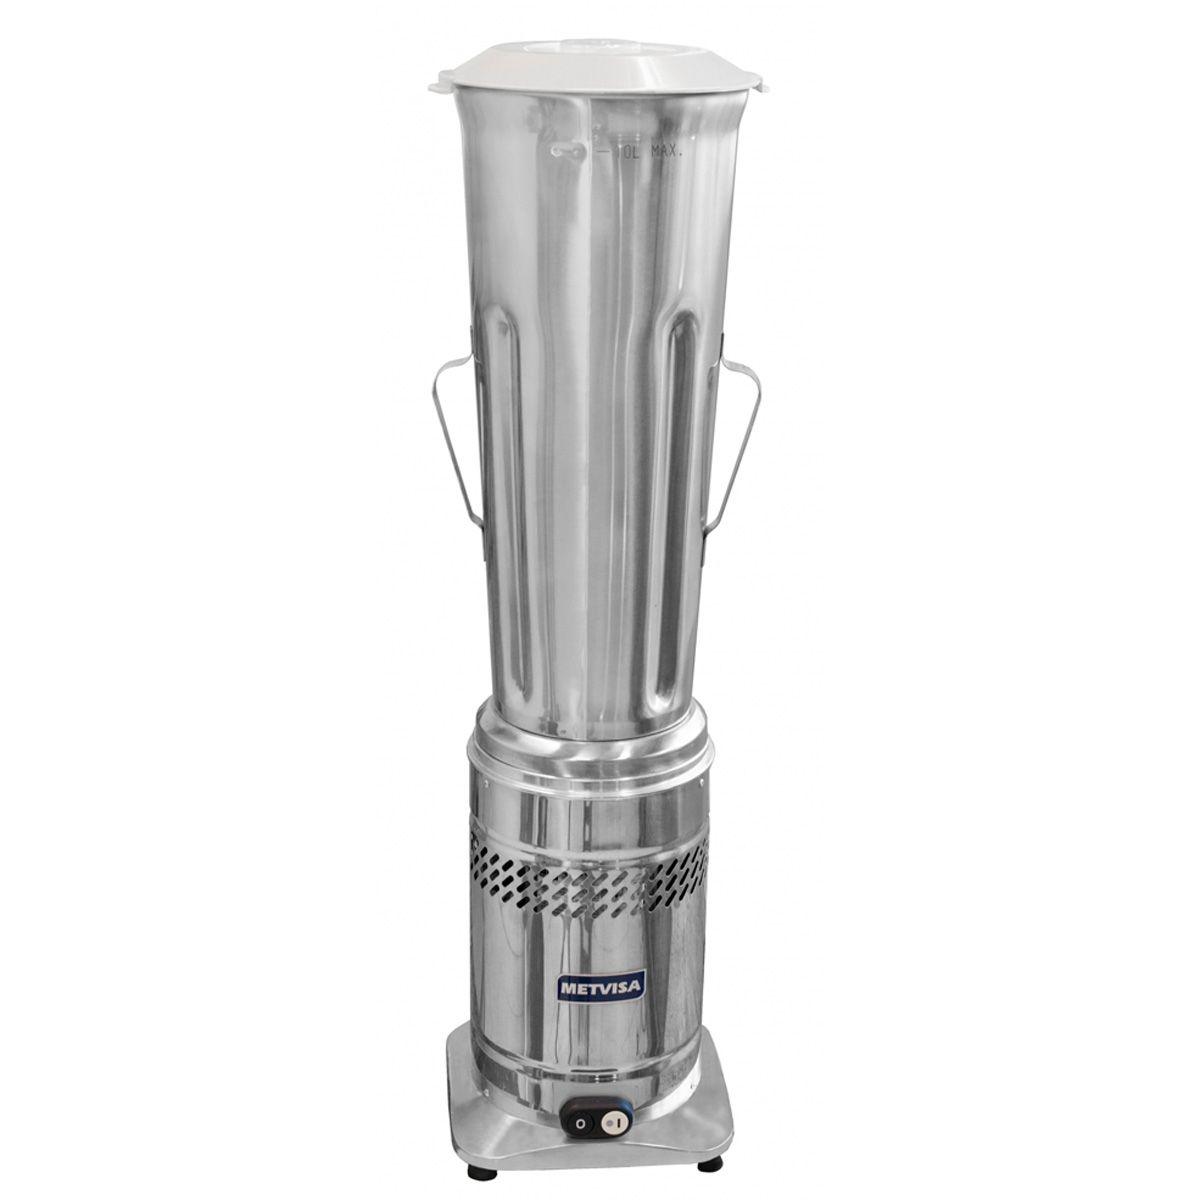 Liquidificador Industrial 4 litros LQL04 Met.visa